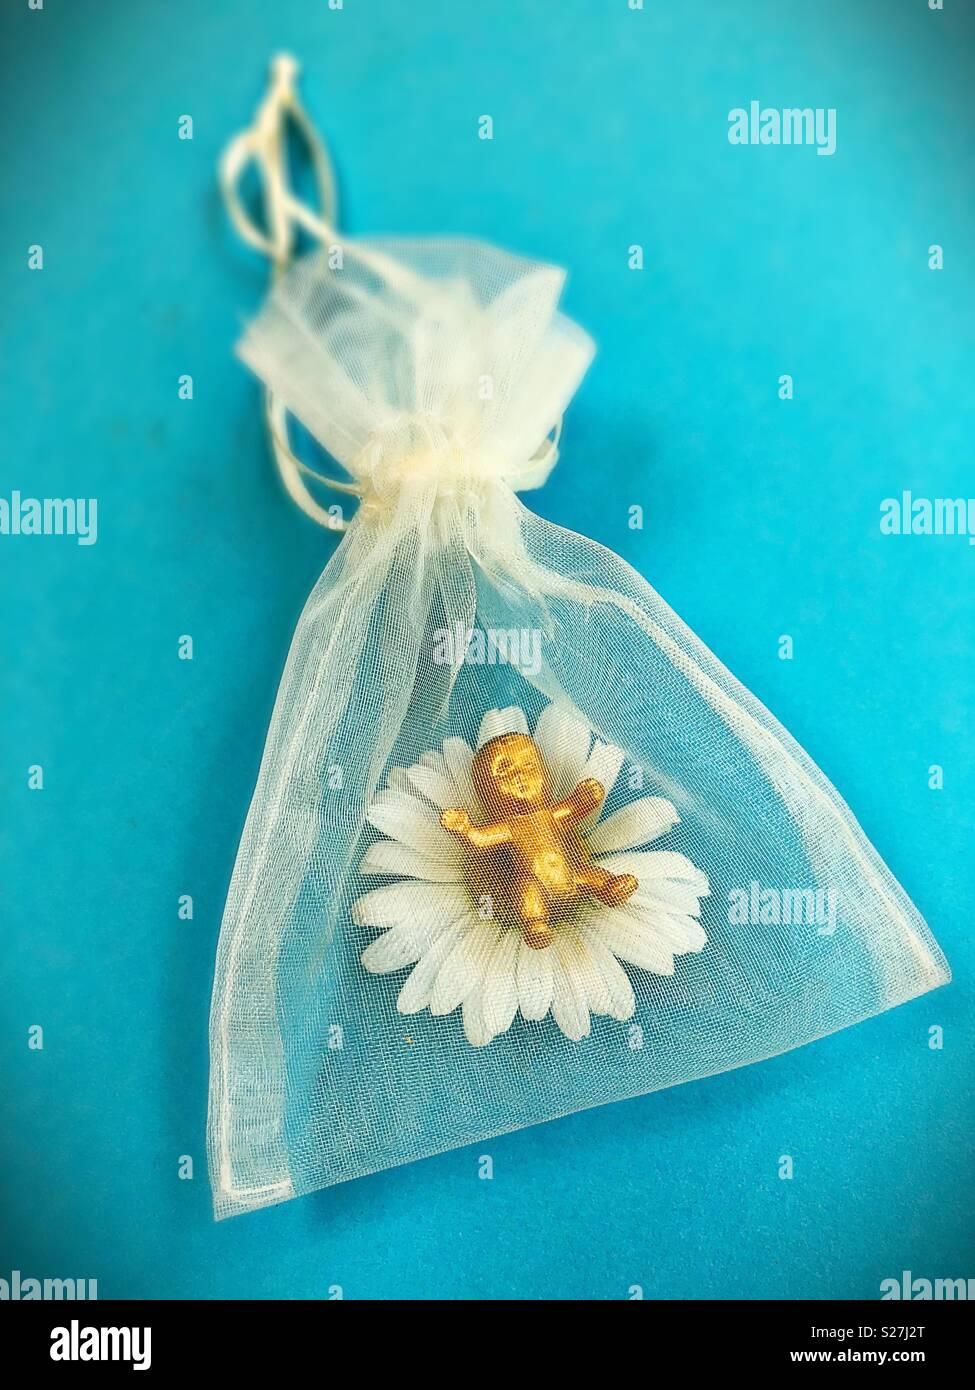 Or un bébé en plastique dans un sac transparent. Banque D'Images